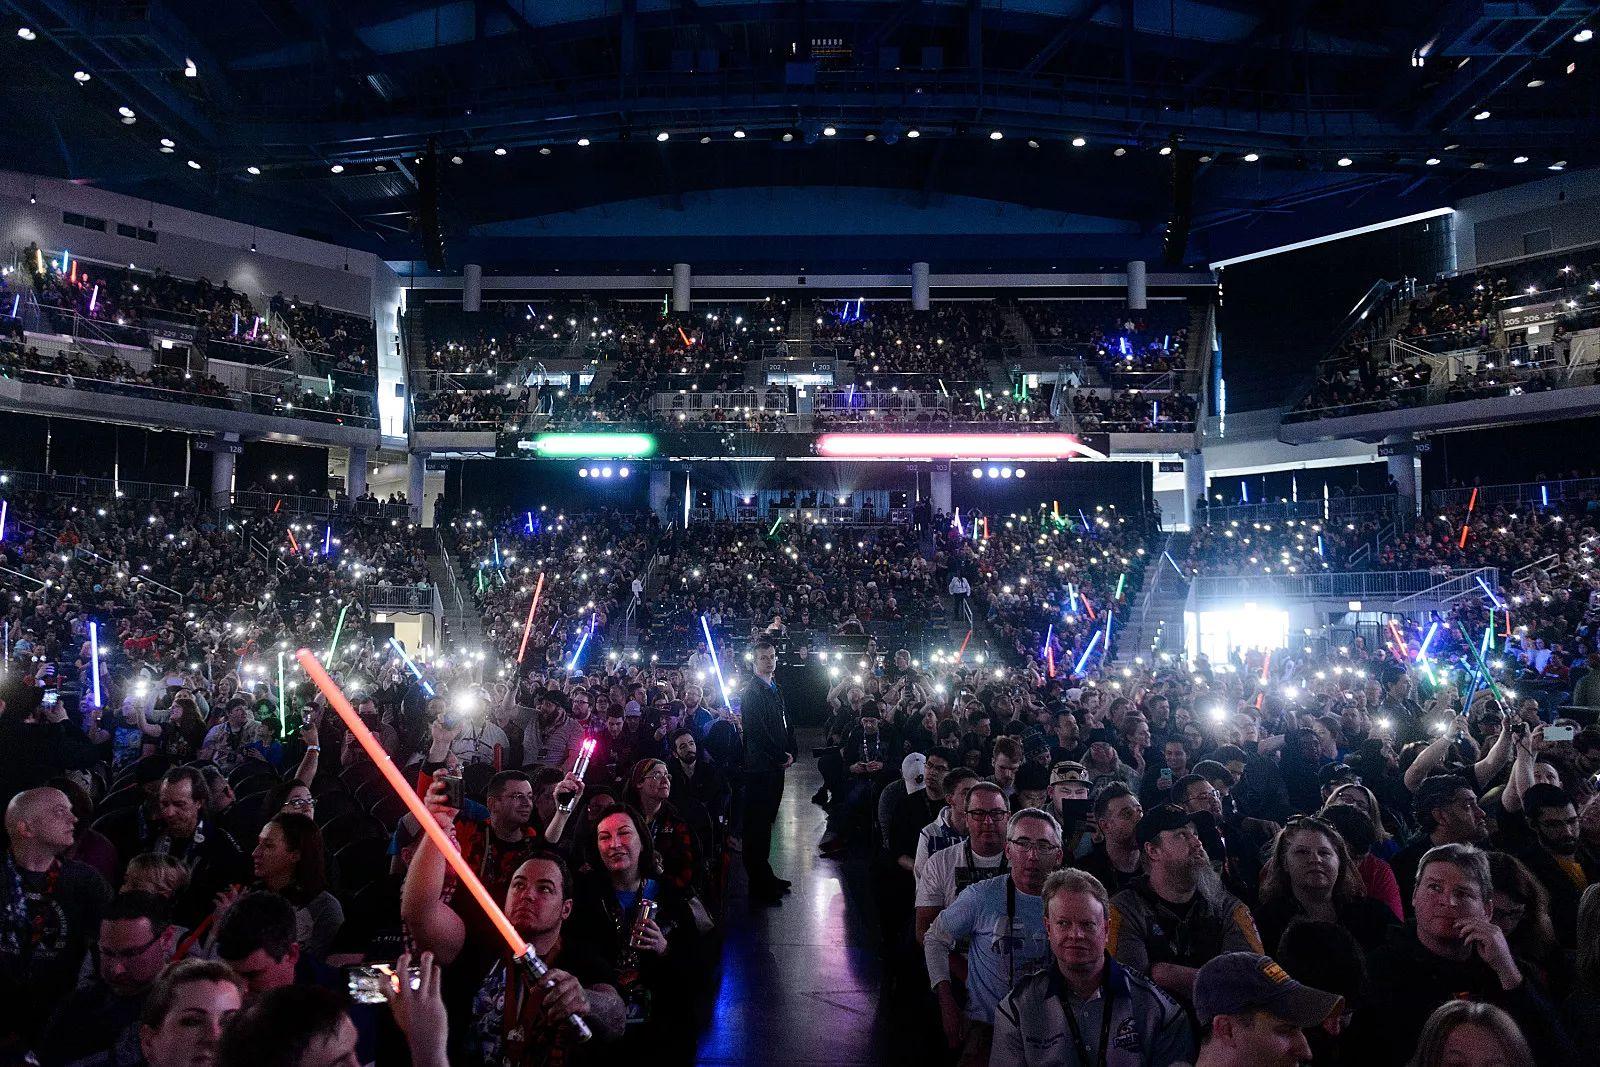 Megtelt a Wintrust Arena nézőtere (forrás: Twitter)